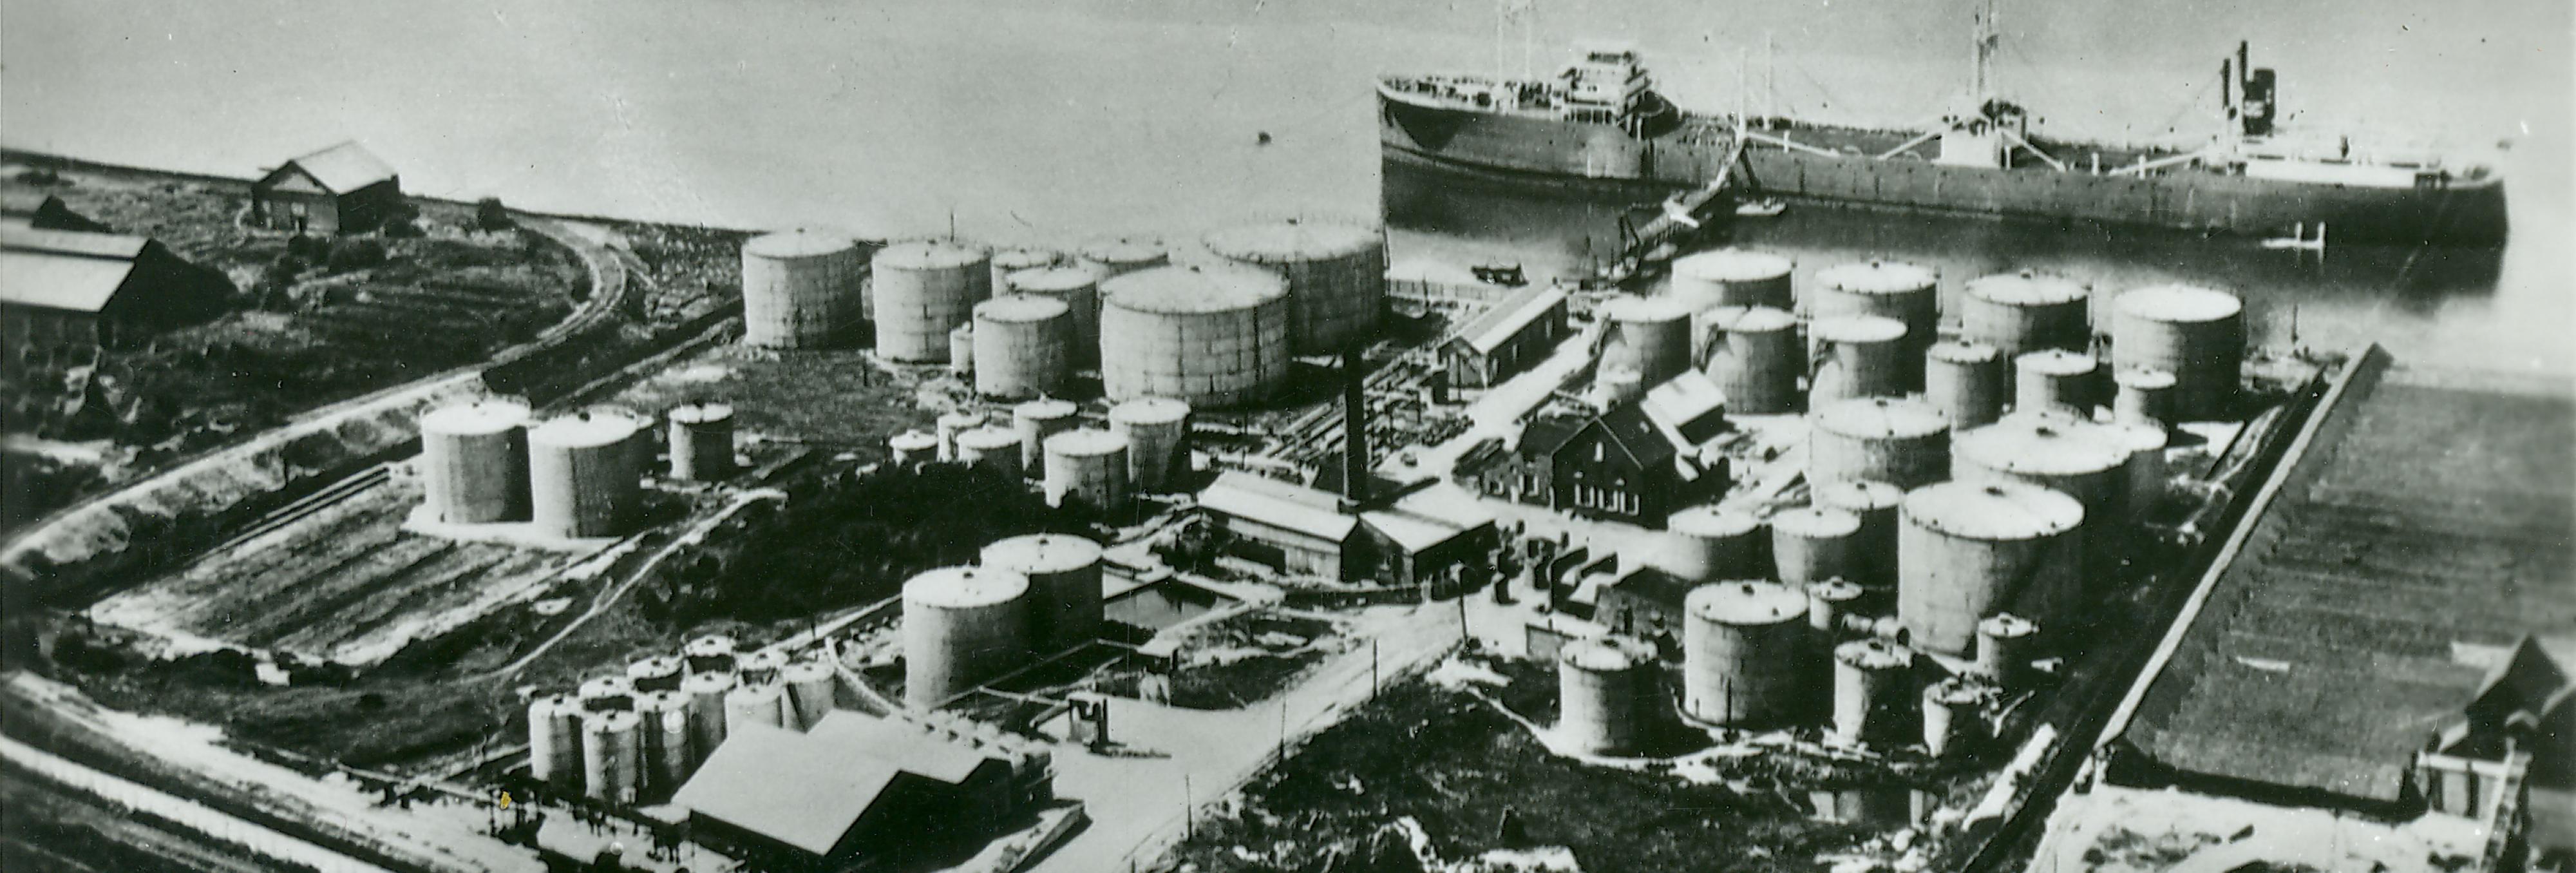 Tank storage-Antwerp-verbeke-petrochemical